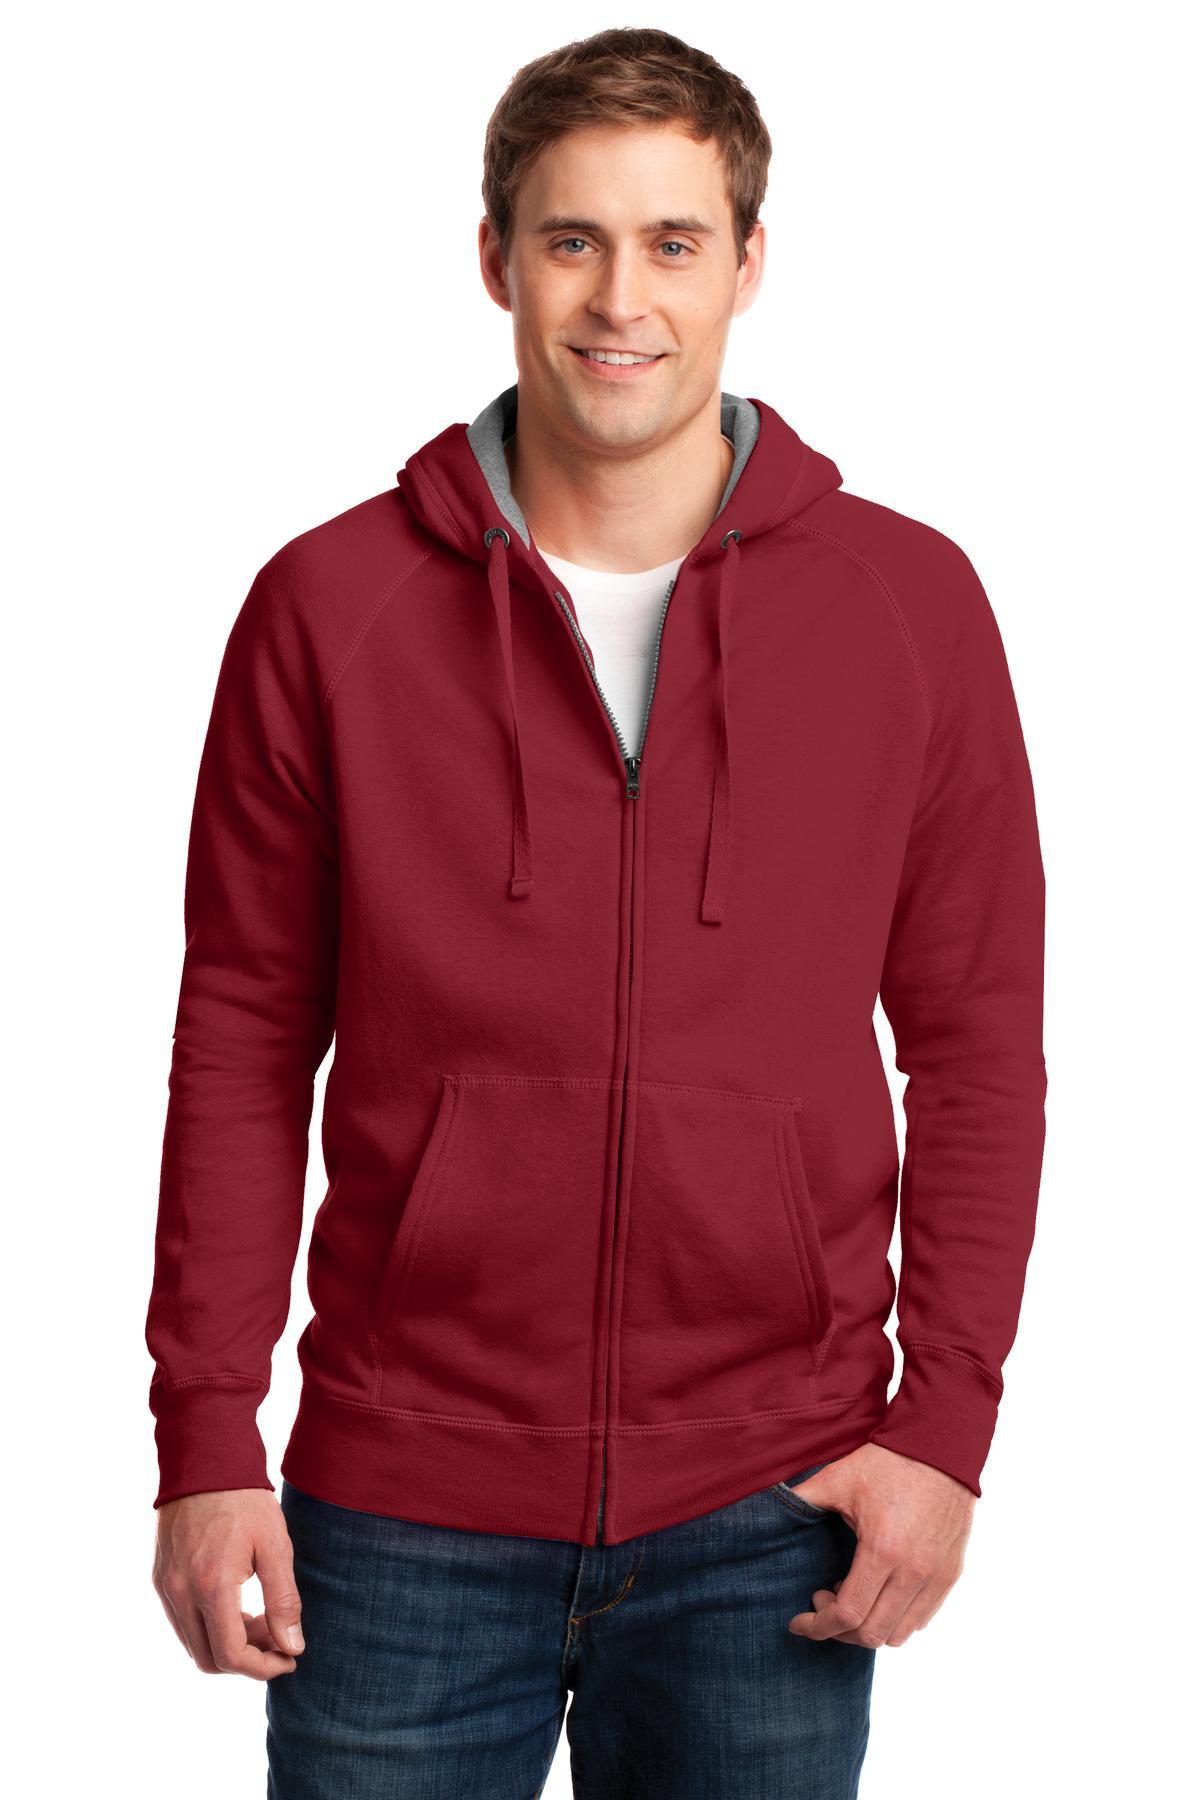 Sweatshirts-Fleece-Hooded-31